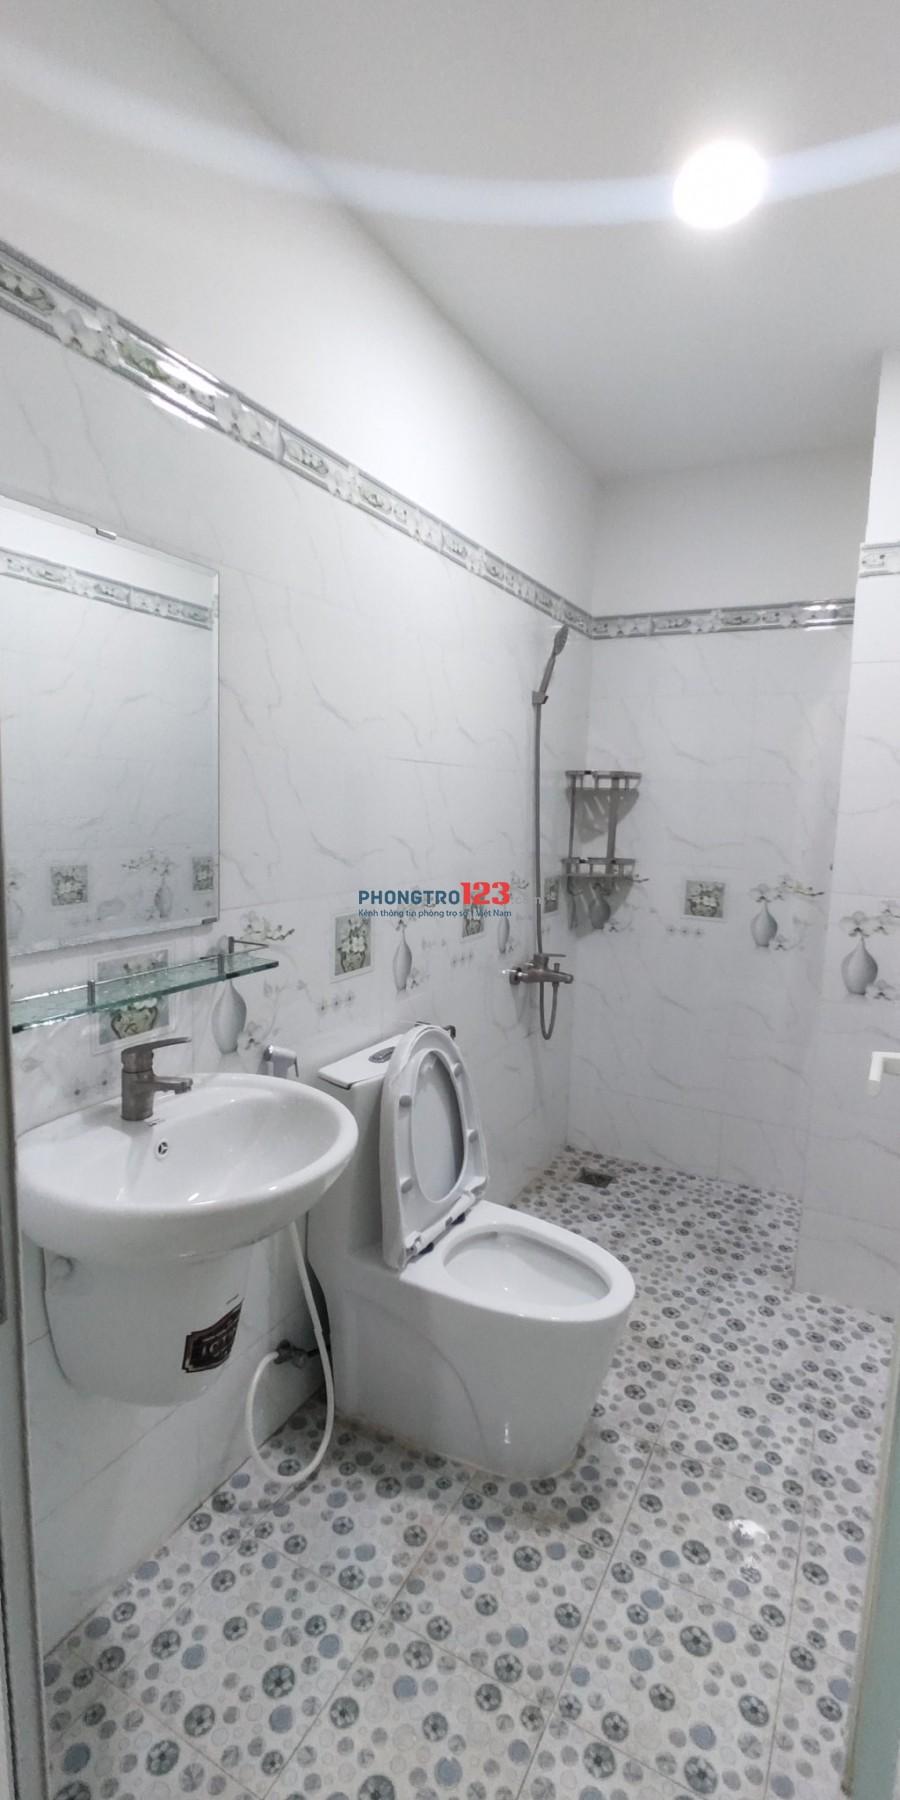 Cho thuê căn hộ mini 1 phòng ngủ có gác đường Lê Văn Thịnh, Quận 2